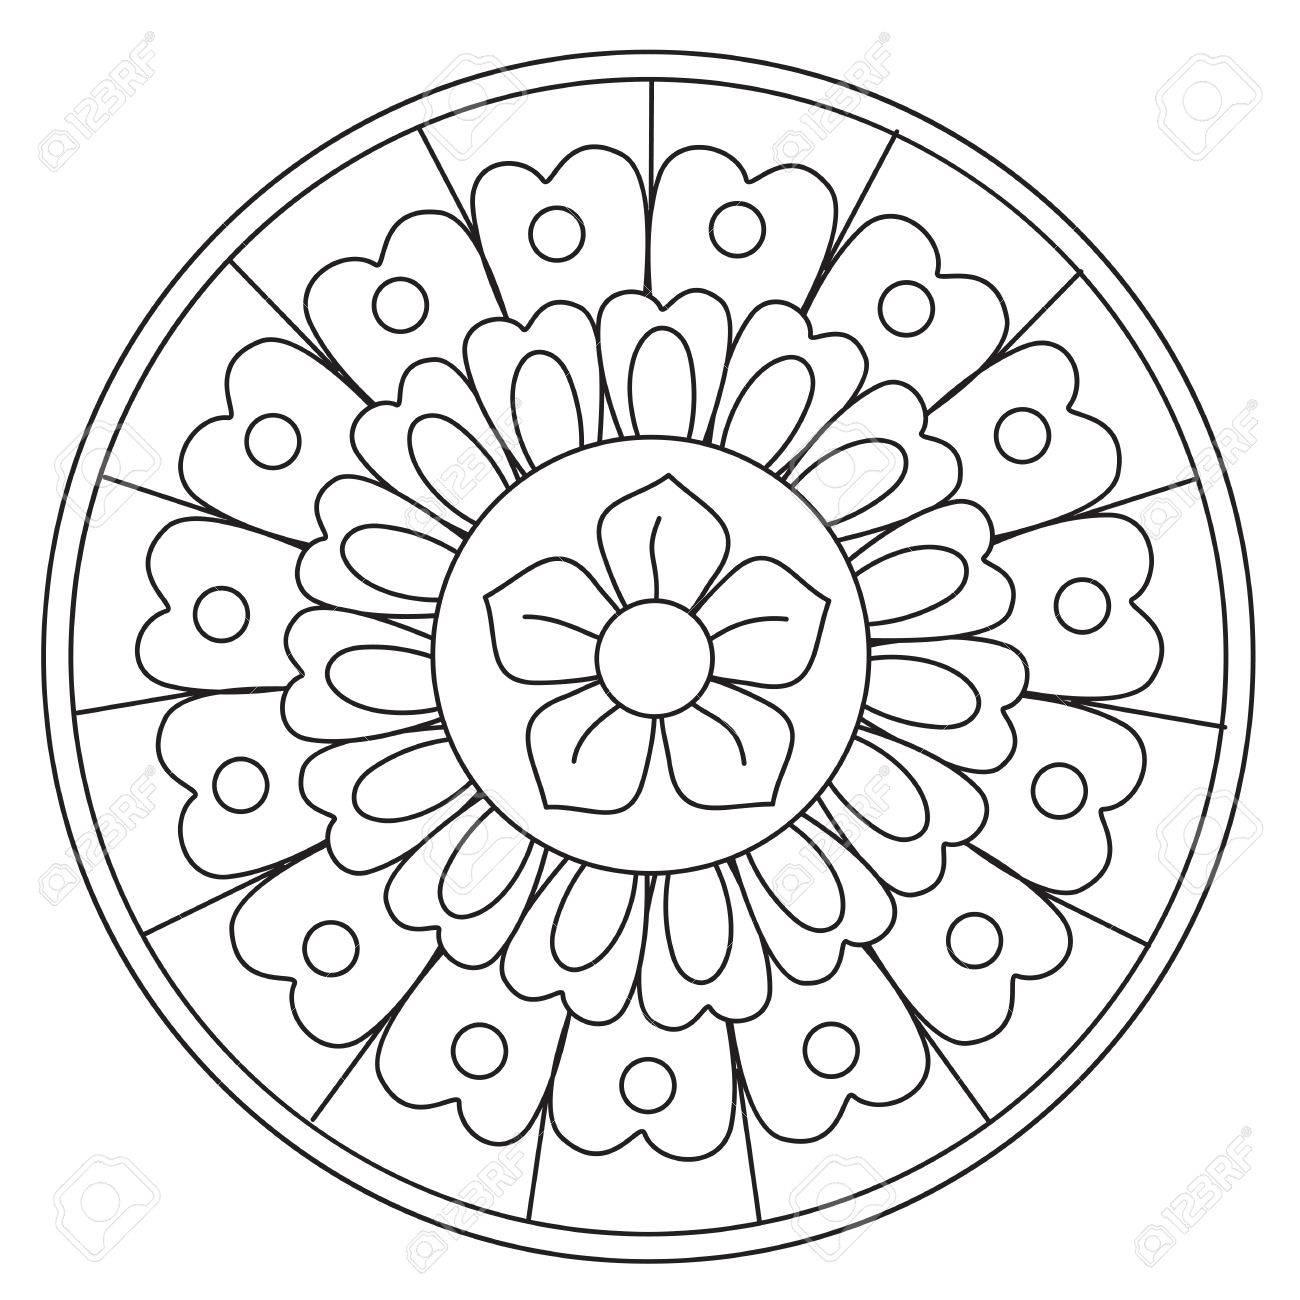 Coloriage Mandala Rond.Coloriage De Vecteur Simple Beaute Floral Mandala Rond Pour Les